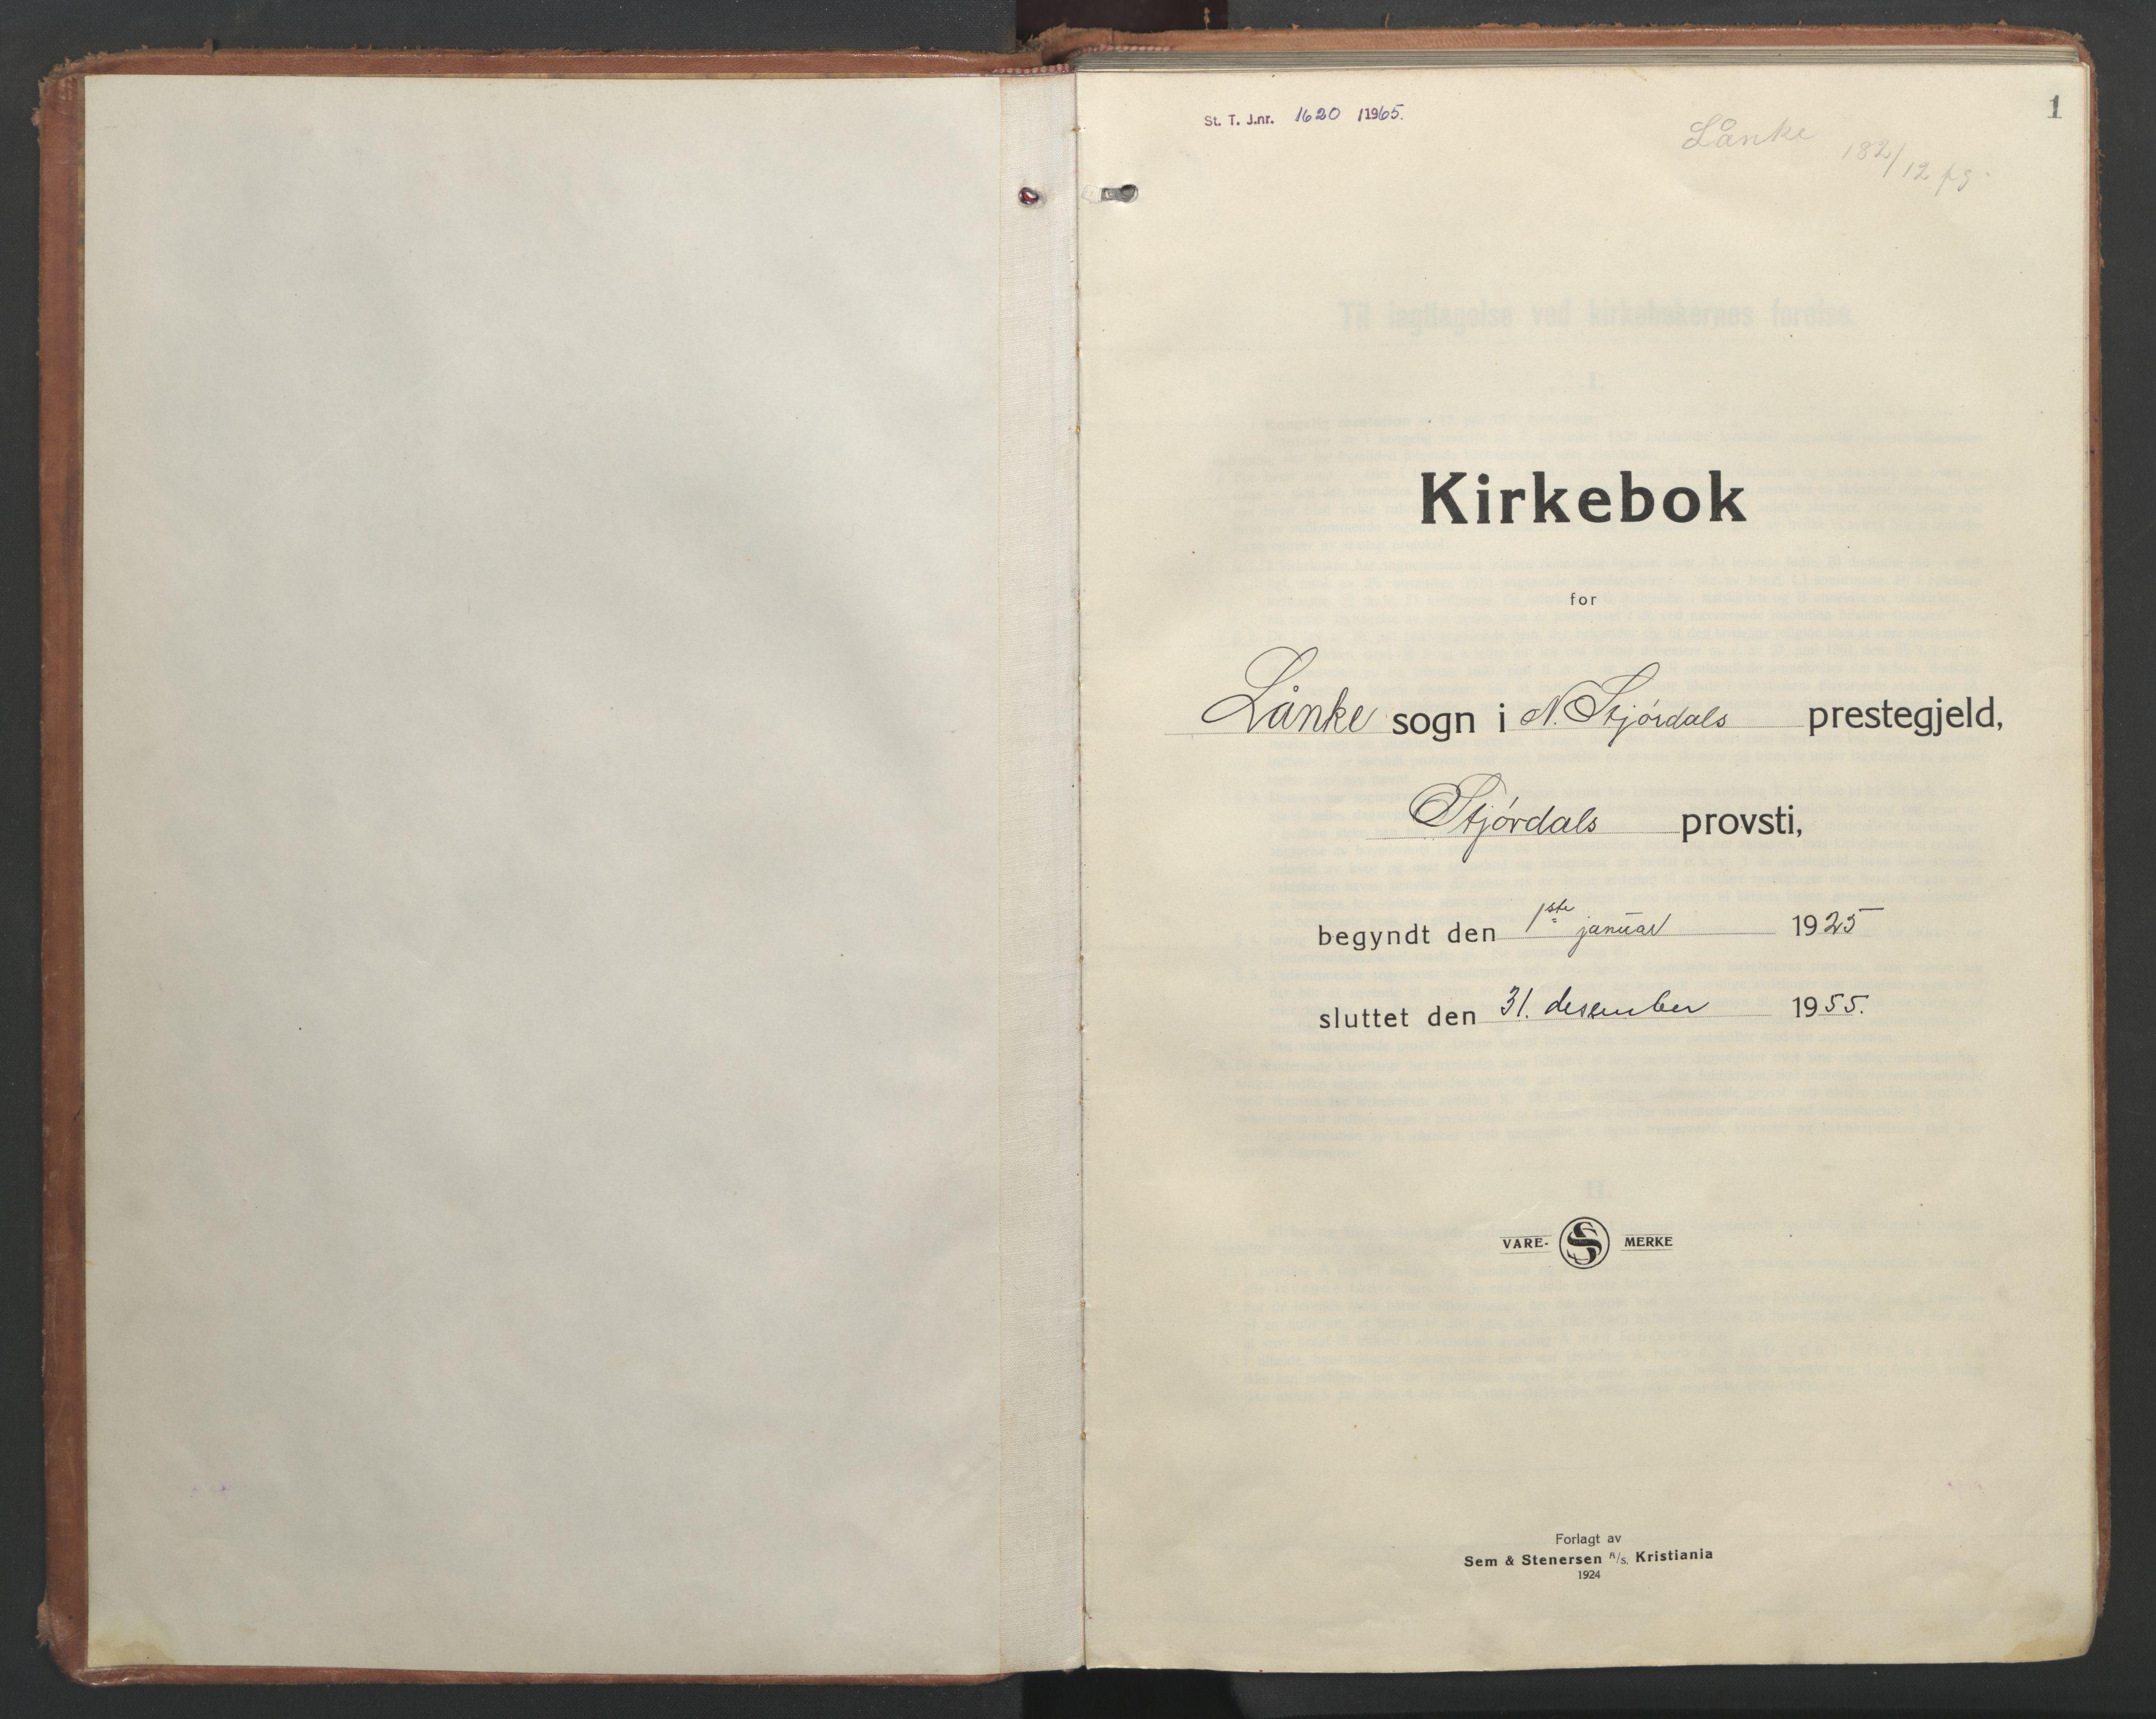 SAT, Ministerialprotokoller, klokkerbøker og fødselsregistre - Nord-Trøndelag, 710/L0097: Klokkerbok nr. 710C02, 1925-1955, s. 1